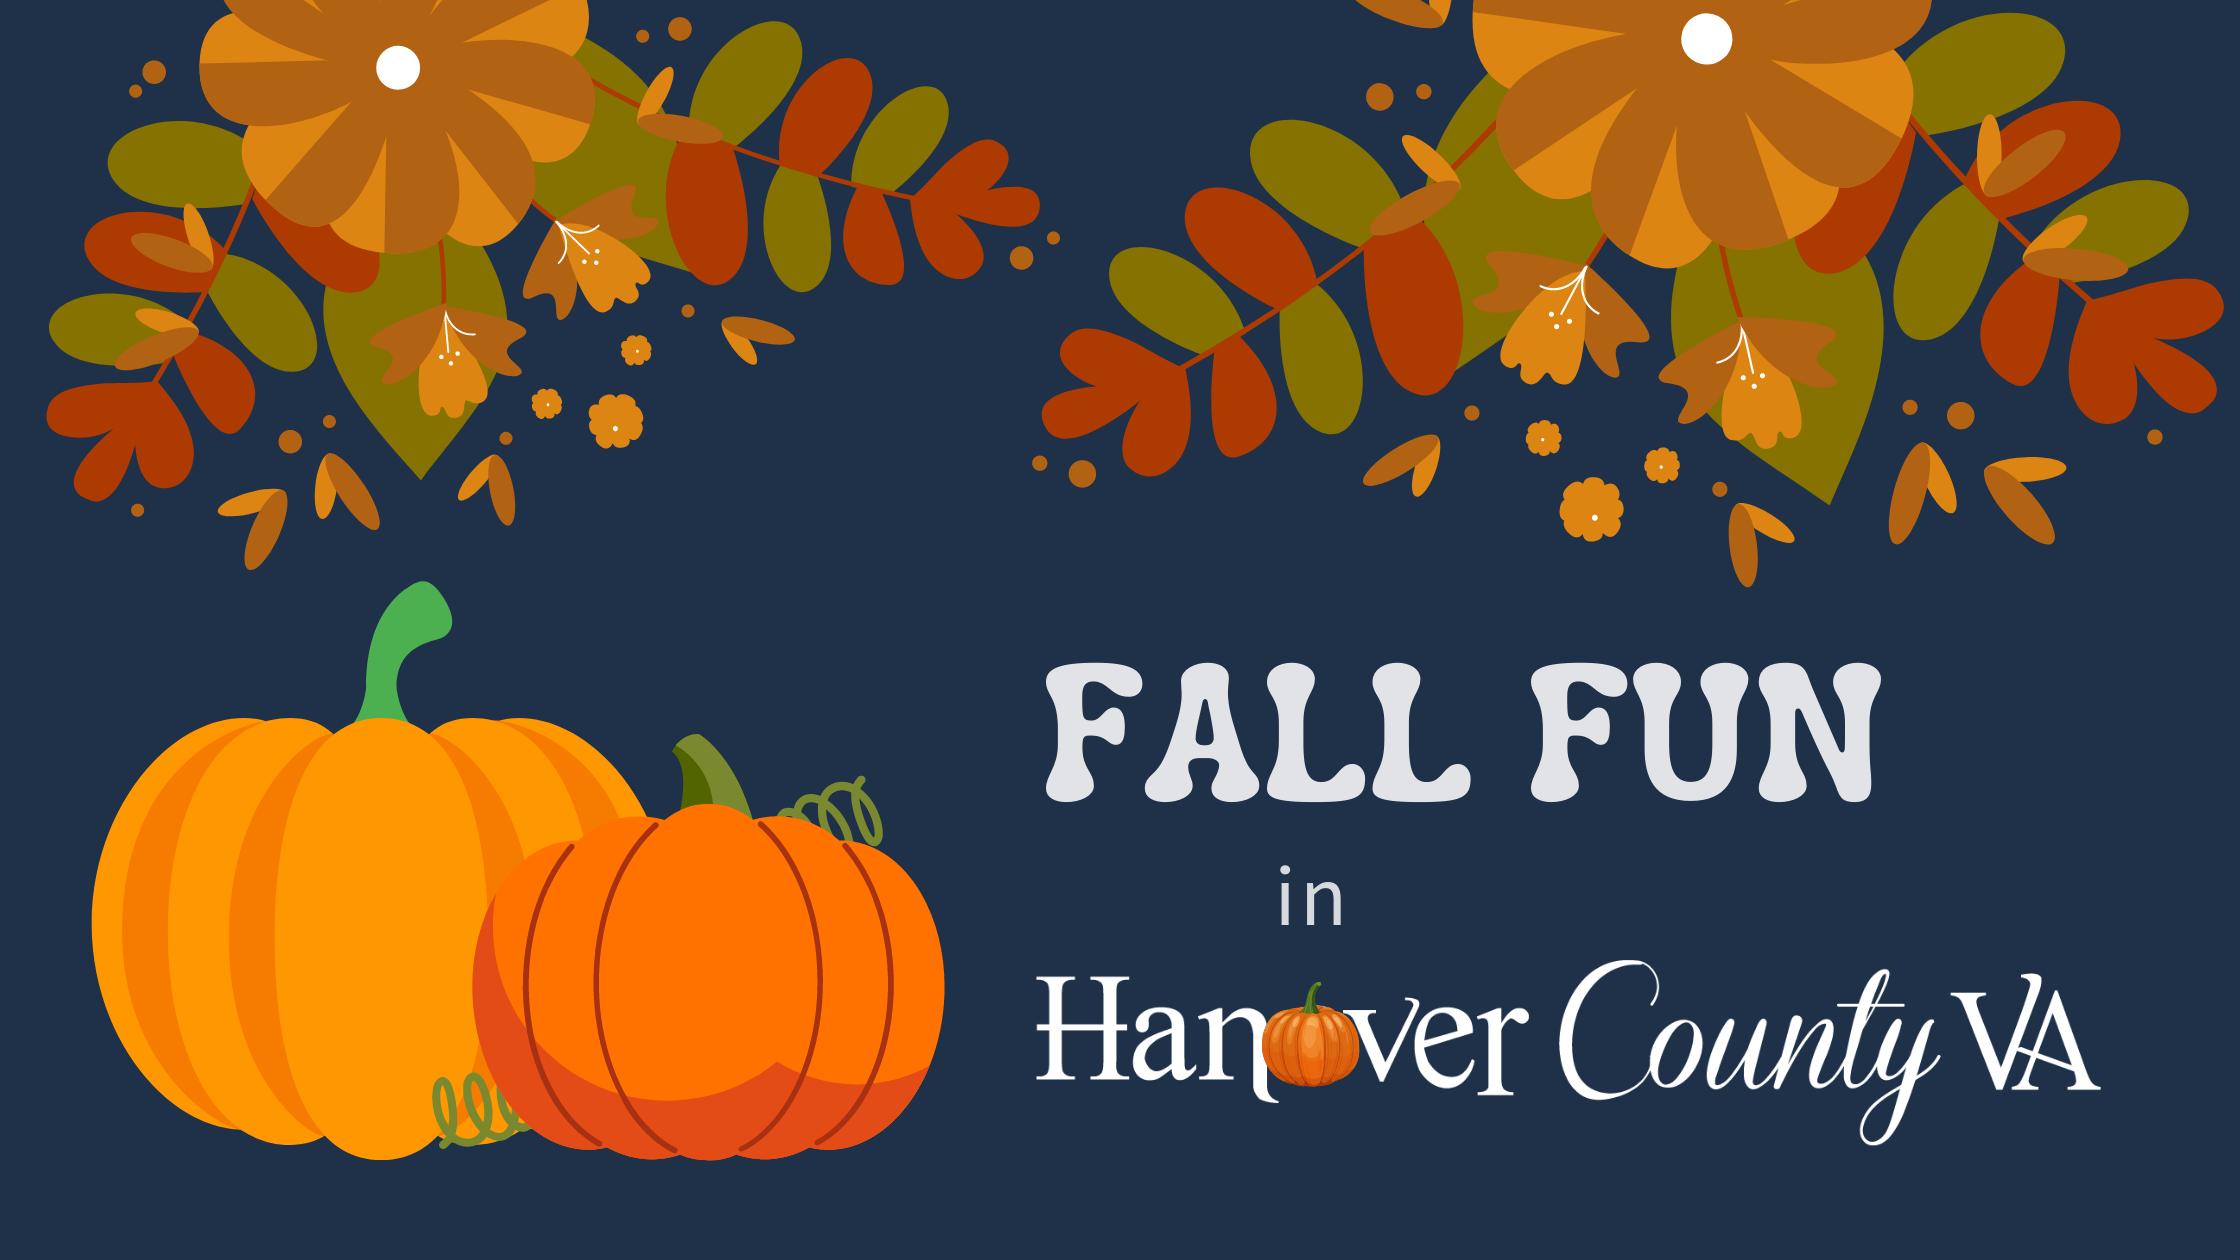 Fall Fun in Hanover County